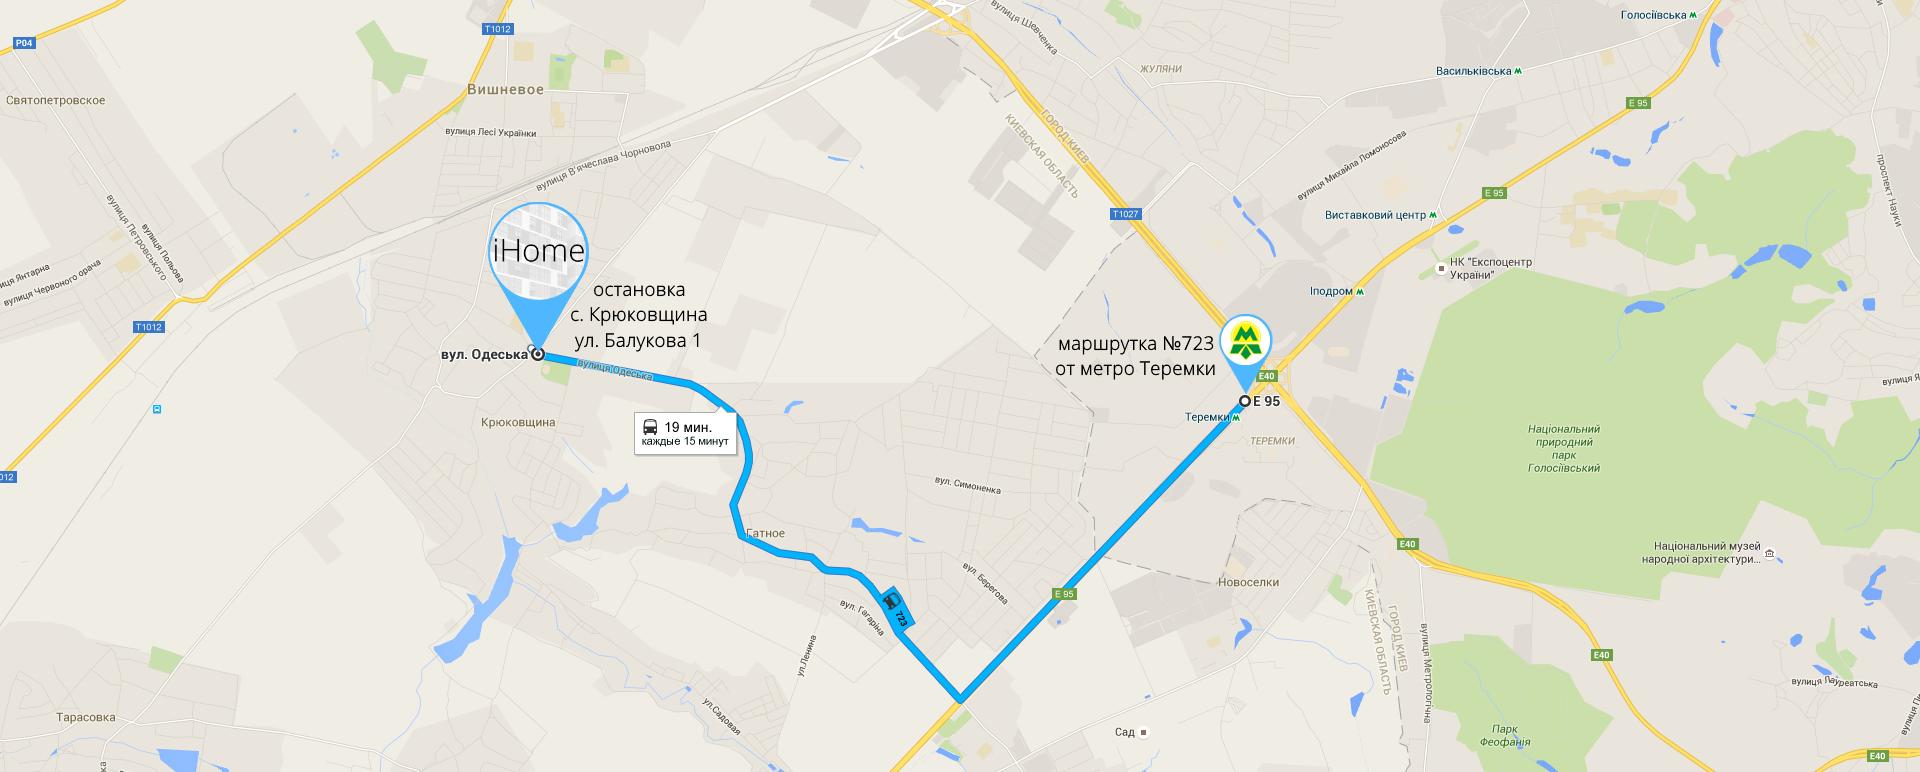 карта ЖК iHome